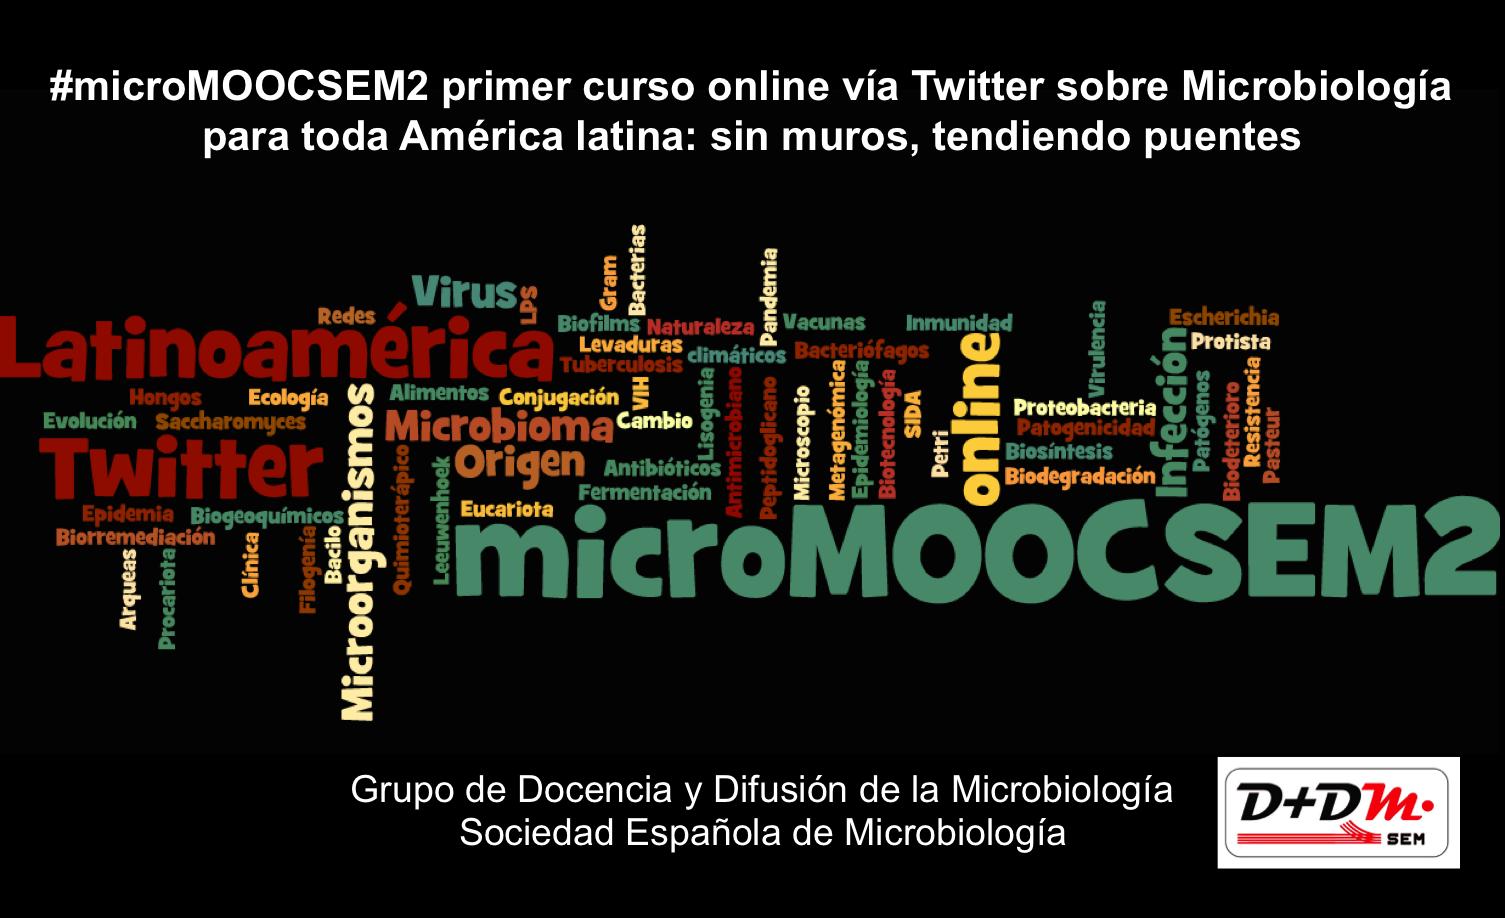 ¡Saludos desde México! #microMOOCSEM2 Recuerda un tuit por minuto durante unos 30 minutos. ¡RT, Like & comparte! https://t.co/ZD0eZwH0OU